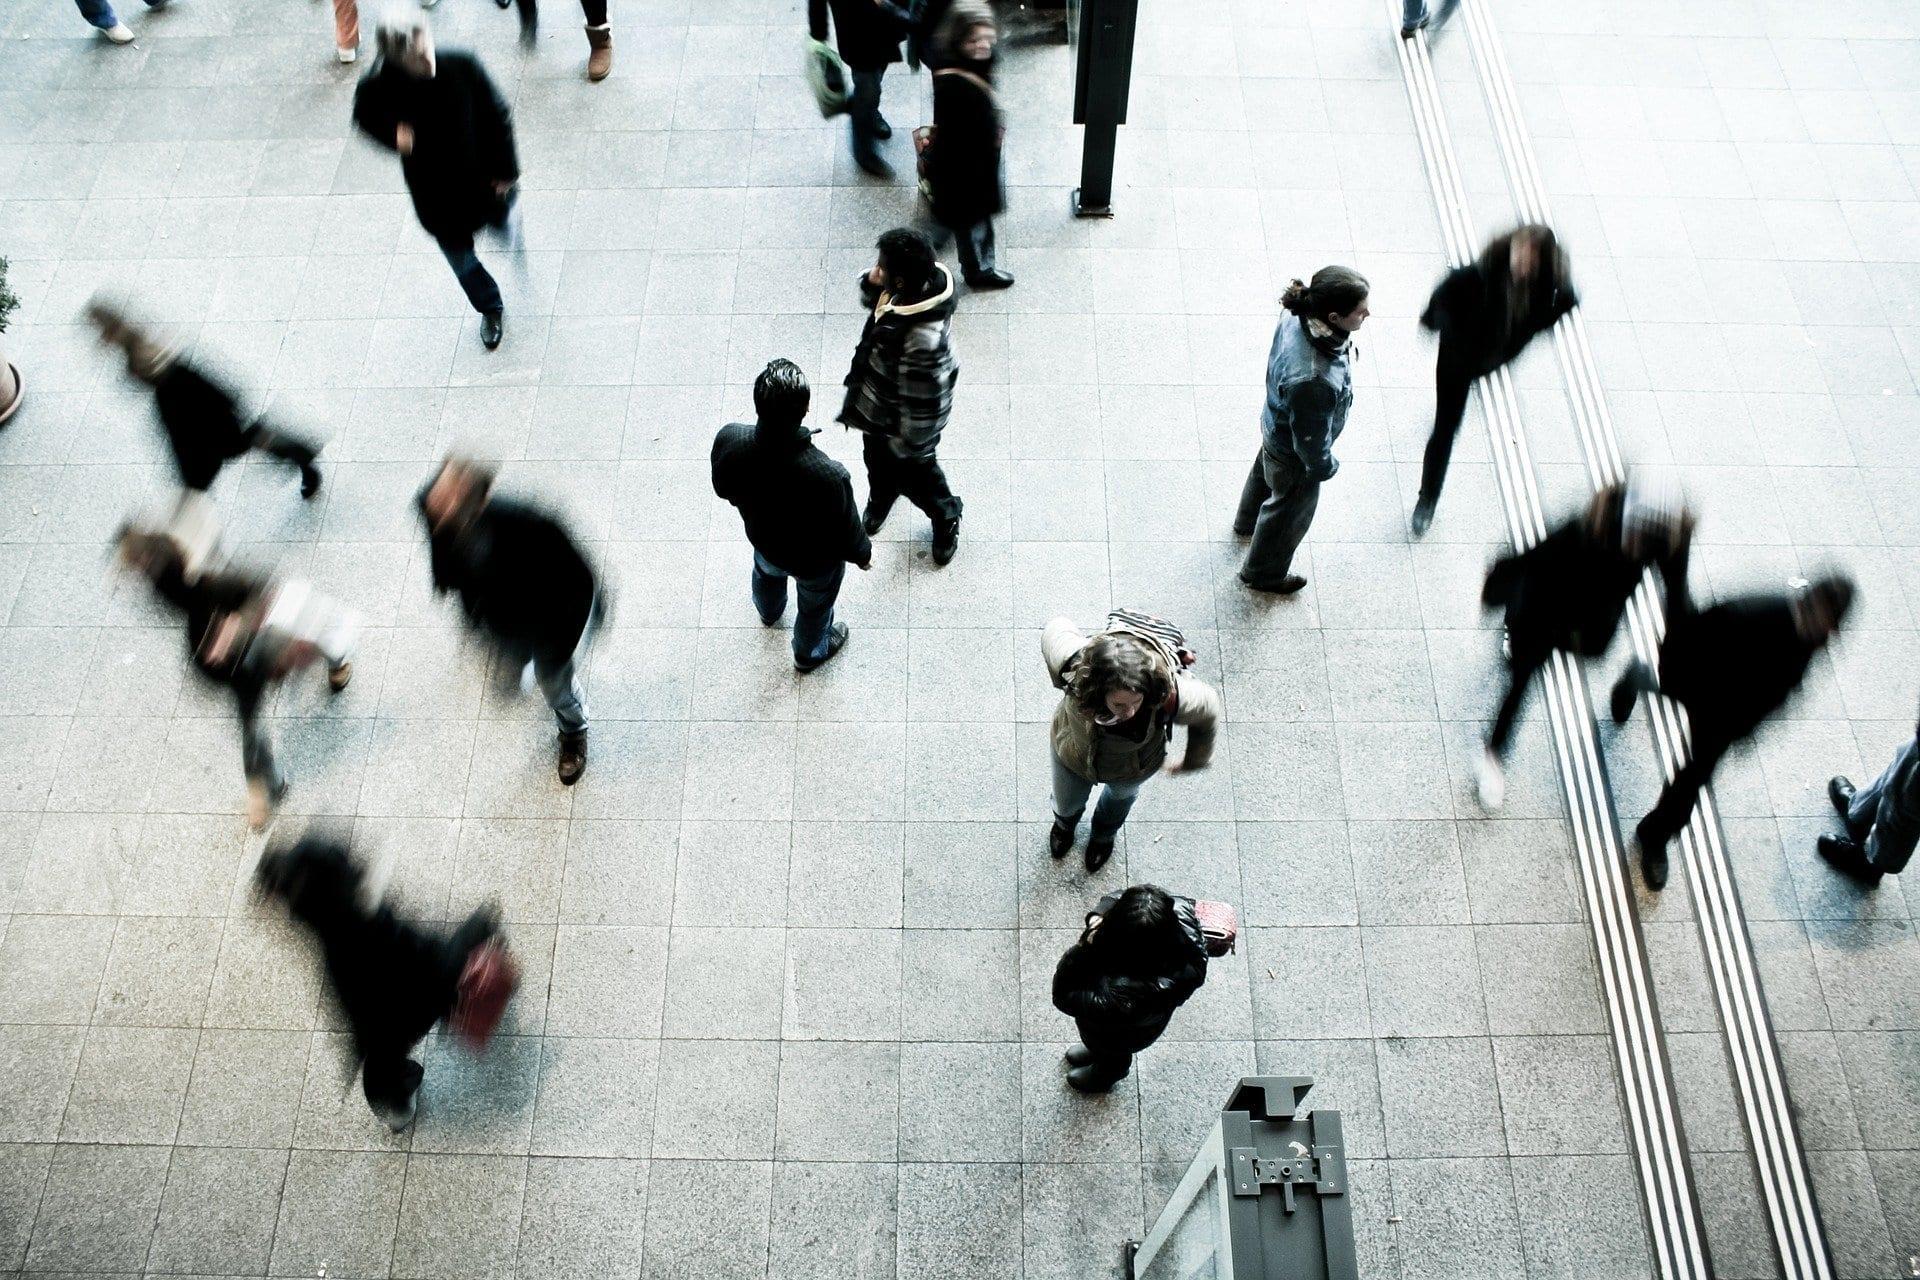 Transeúntes, multitudes, aglomeración, desconfinamiento (pedestrians)